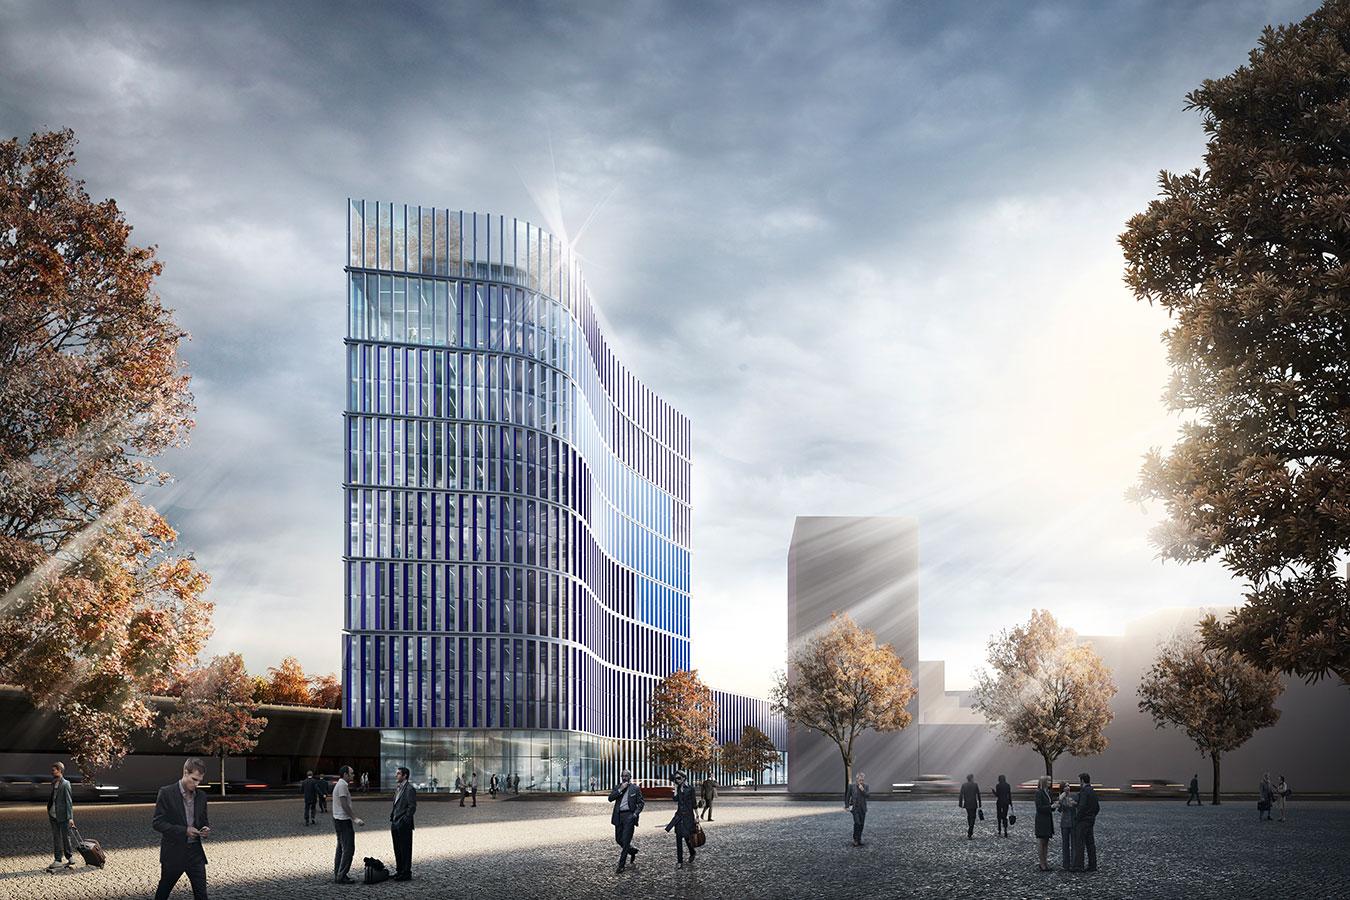 cawa_architecture_auboin_facade1